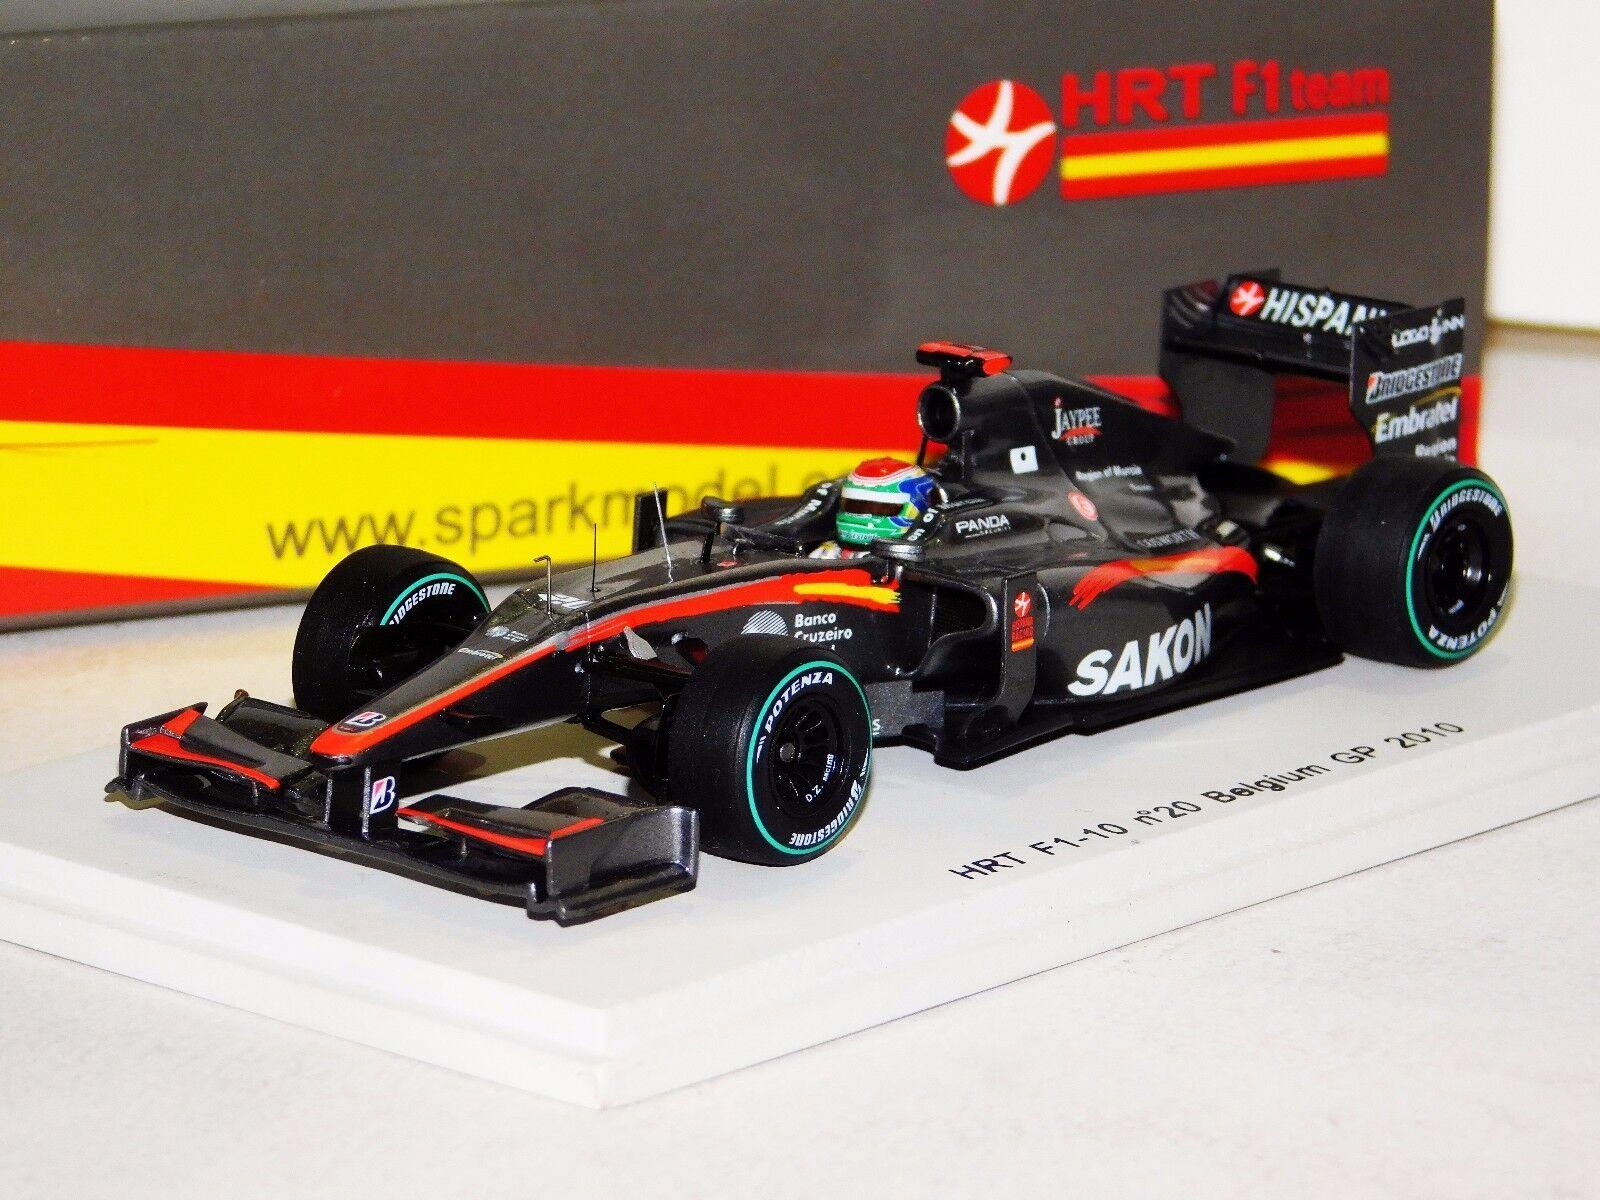 Hrt F1 Yamamoto Bélgica Grand Prix 2010 Spark S3011 1 43